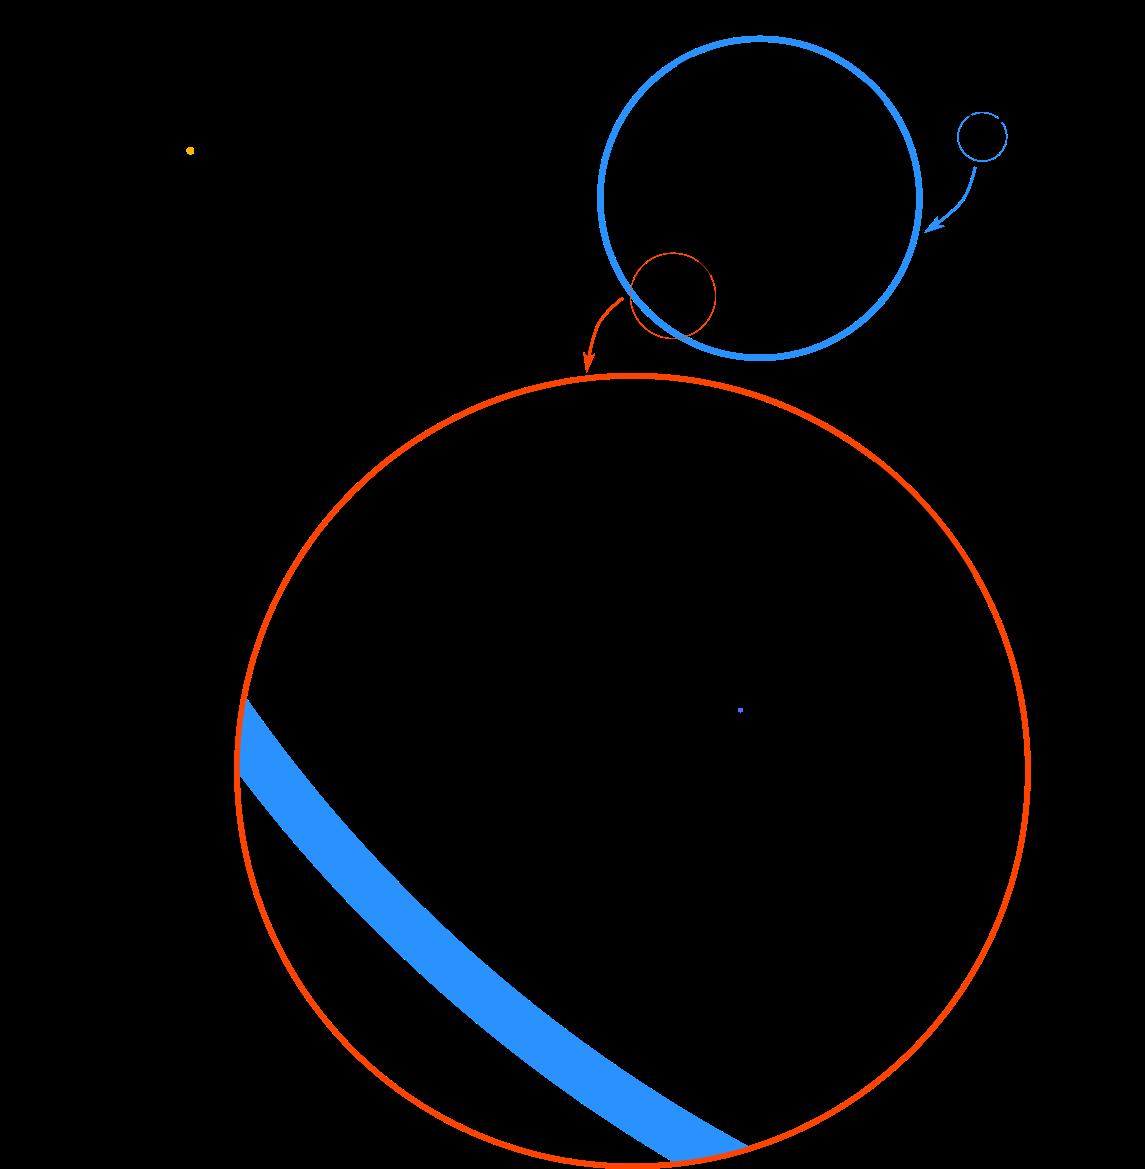 Optique géométrique (focale/lentilles/spectre/lumière etc.) Soleil18